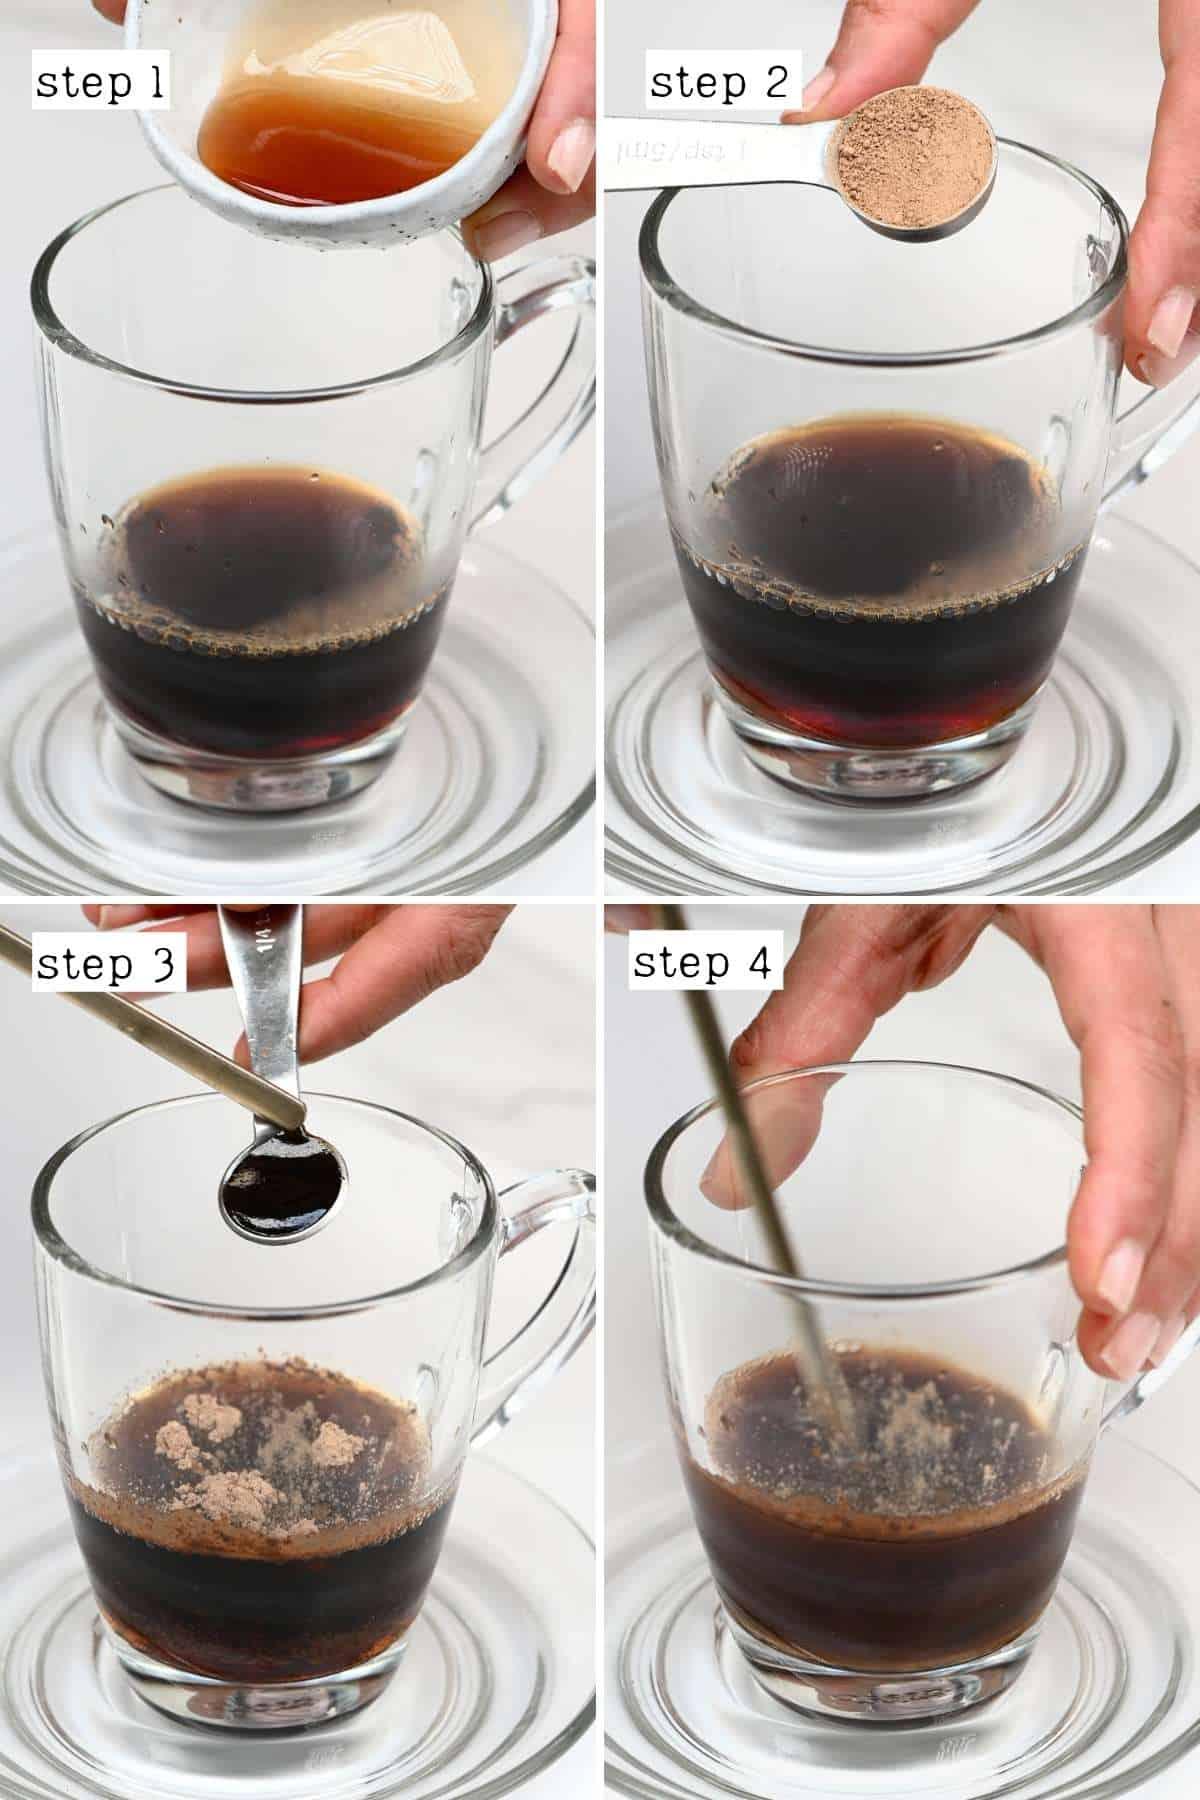 Steps for making mushroom coffee